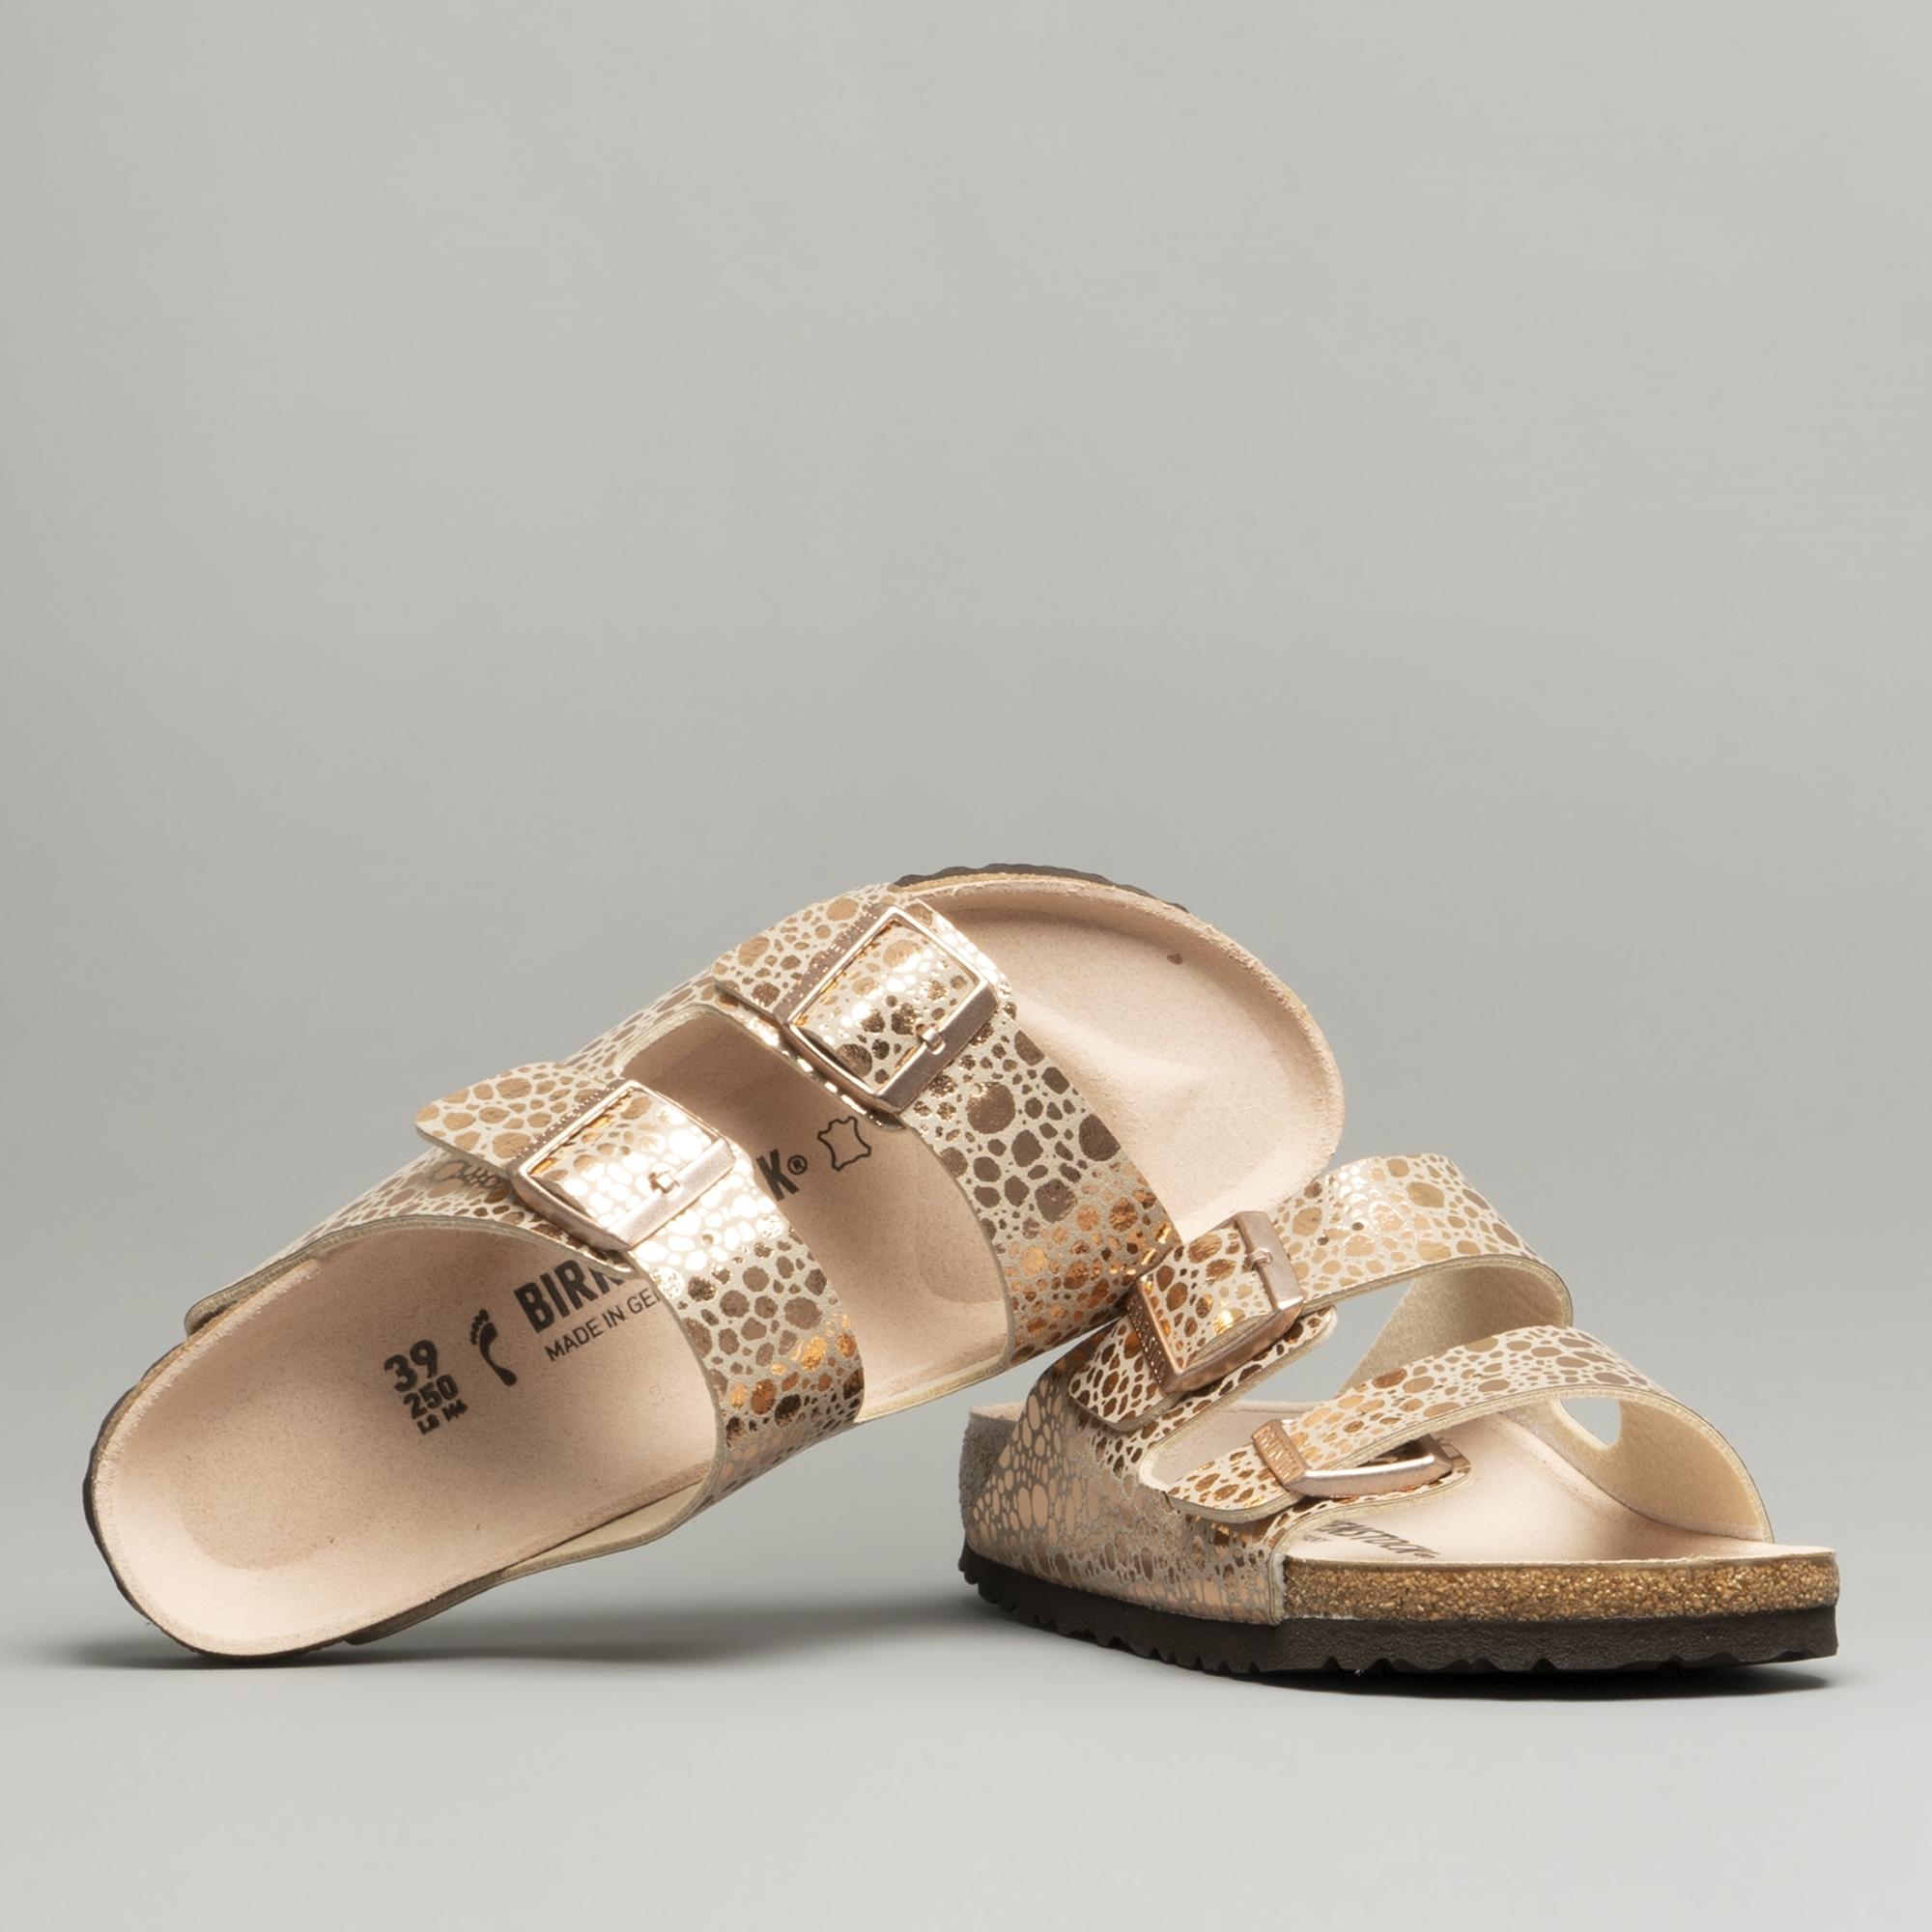 df6107e34 Birkenstock ARIZONA 1006685 Two Strap Sandals Metallic Stones Copper ...